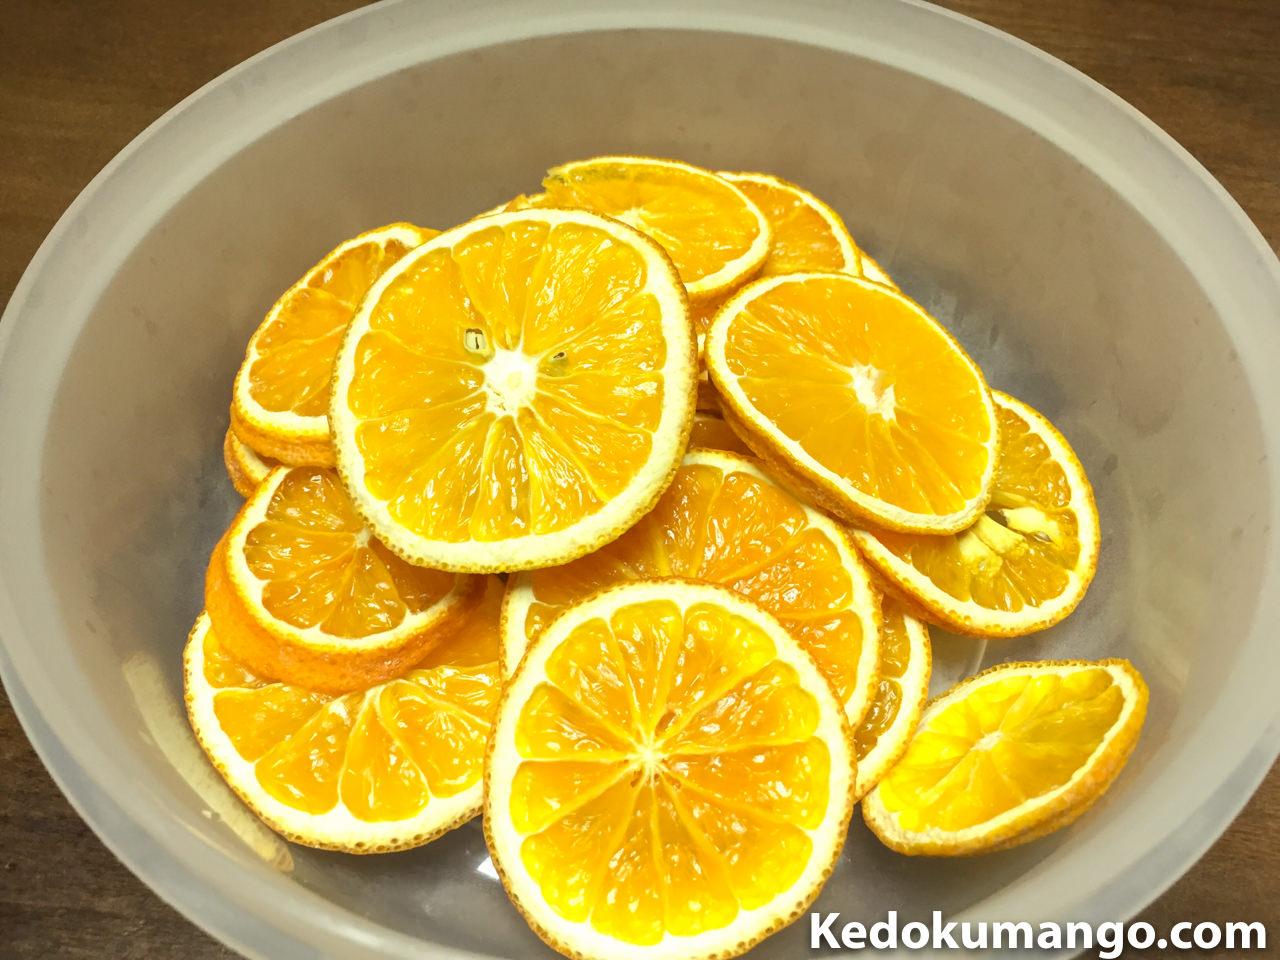 食材乾燥機で15時間乾燥したオレンジ